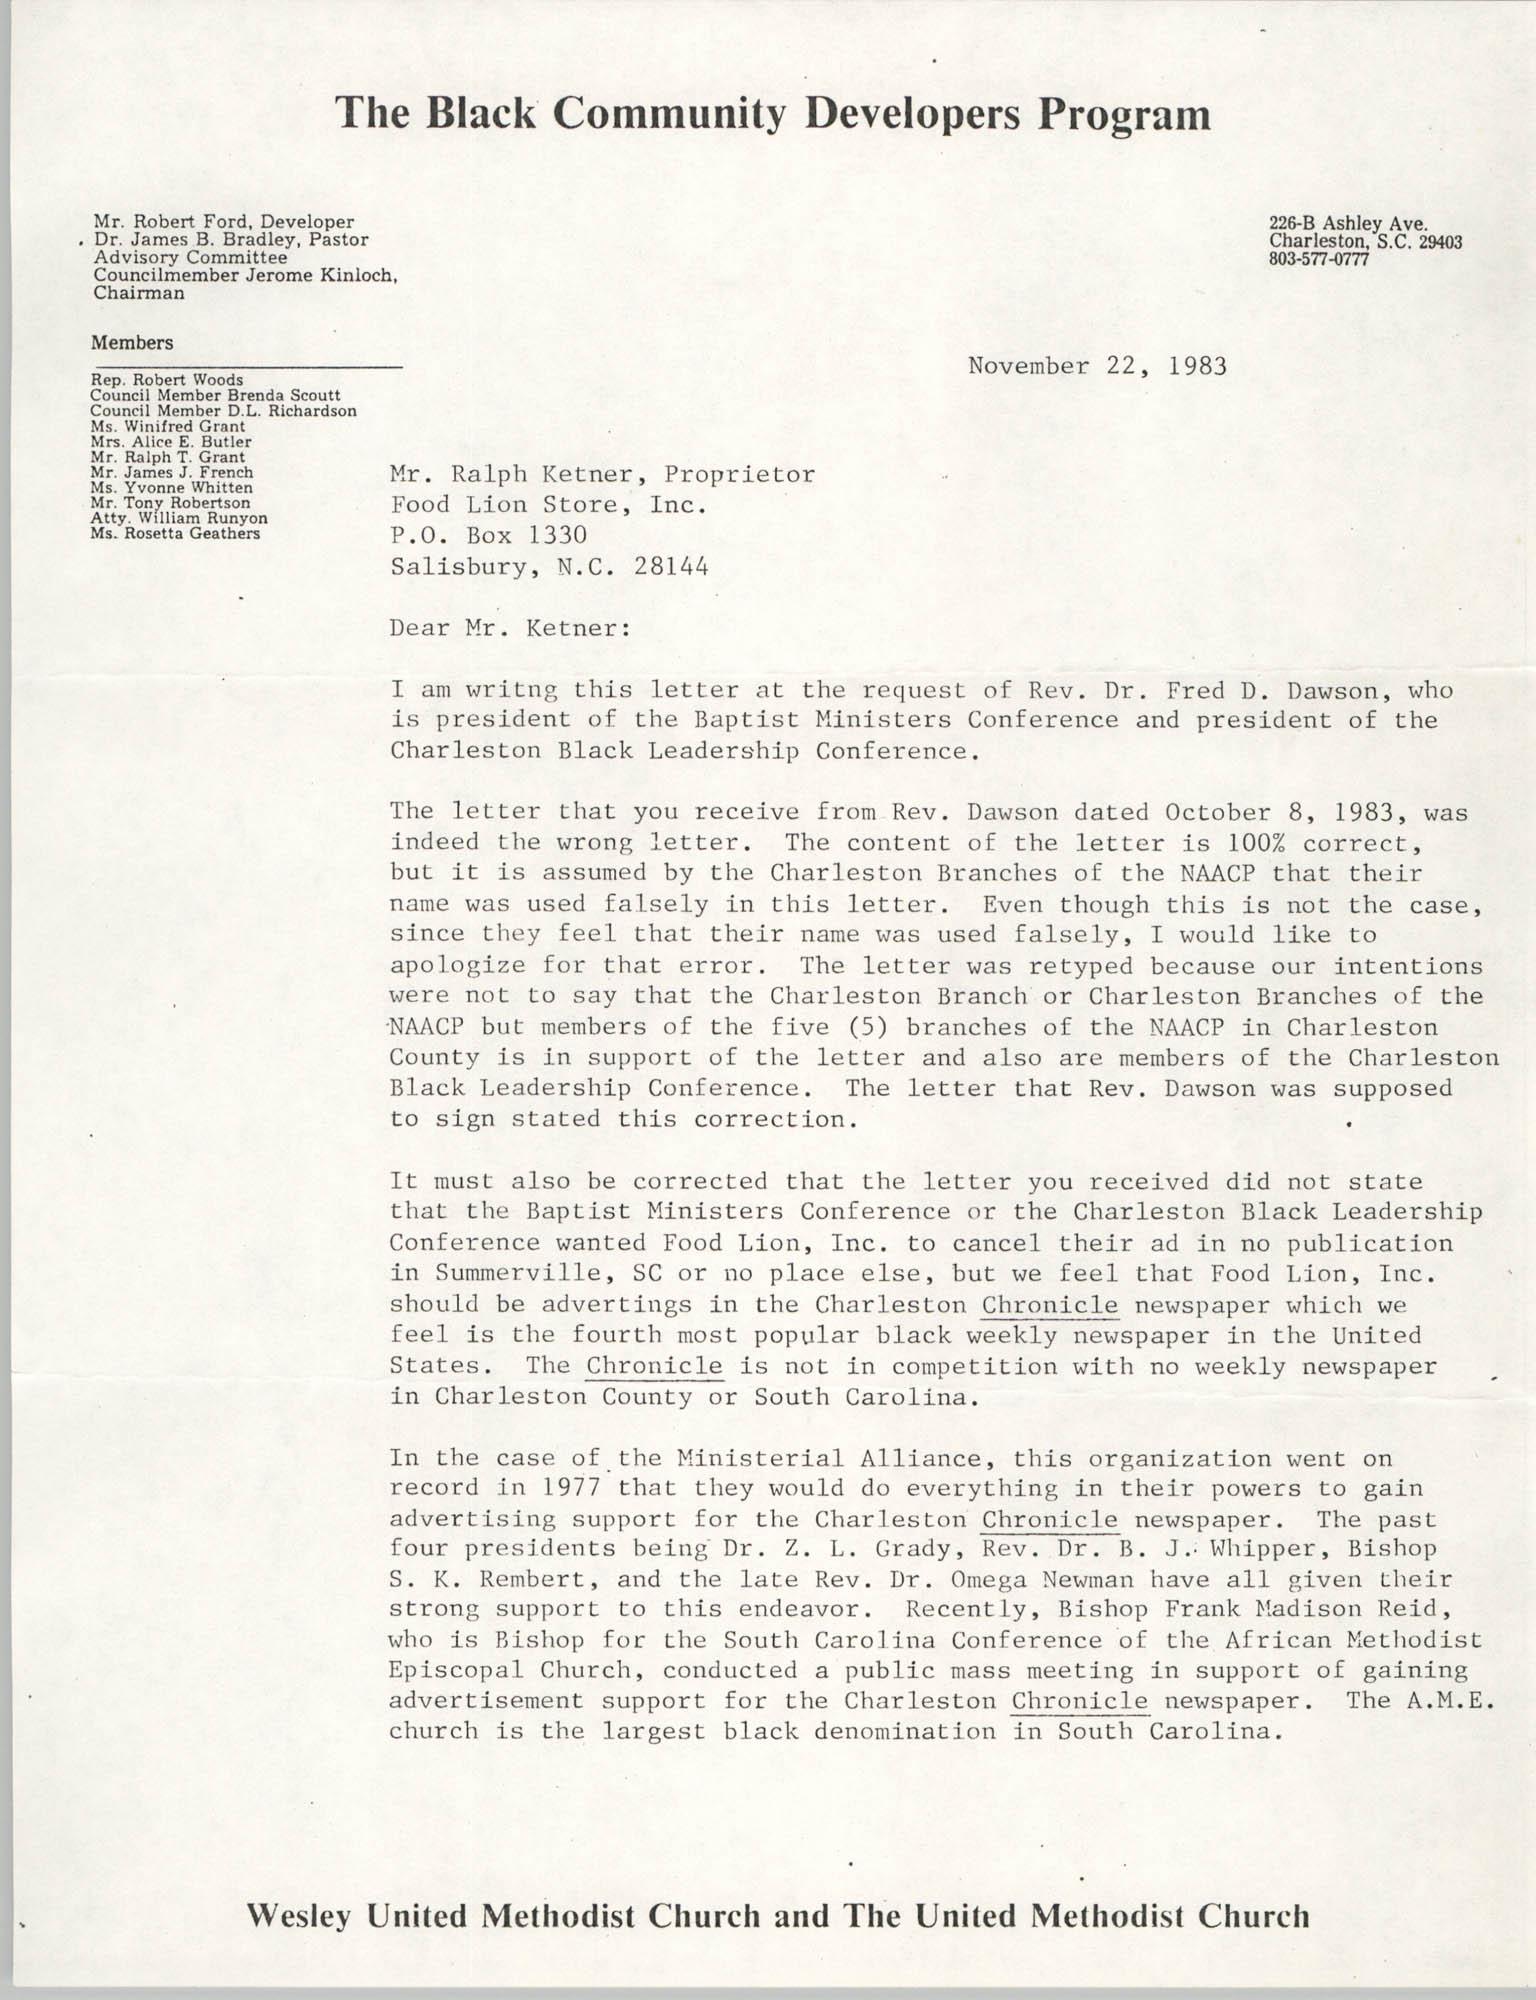 Letter from Robert Ford to Ralph Ketner, November 22, 1983